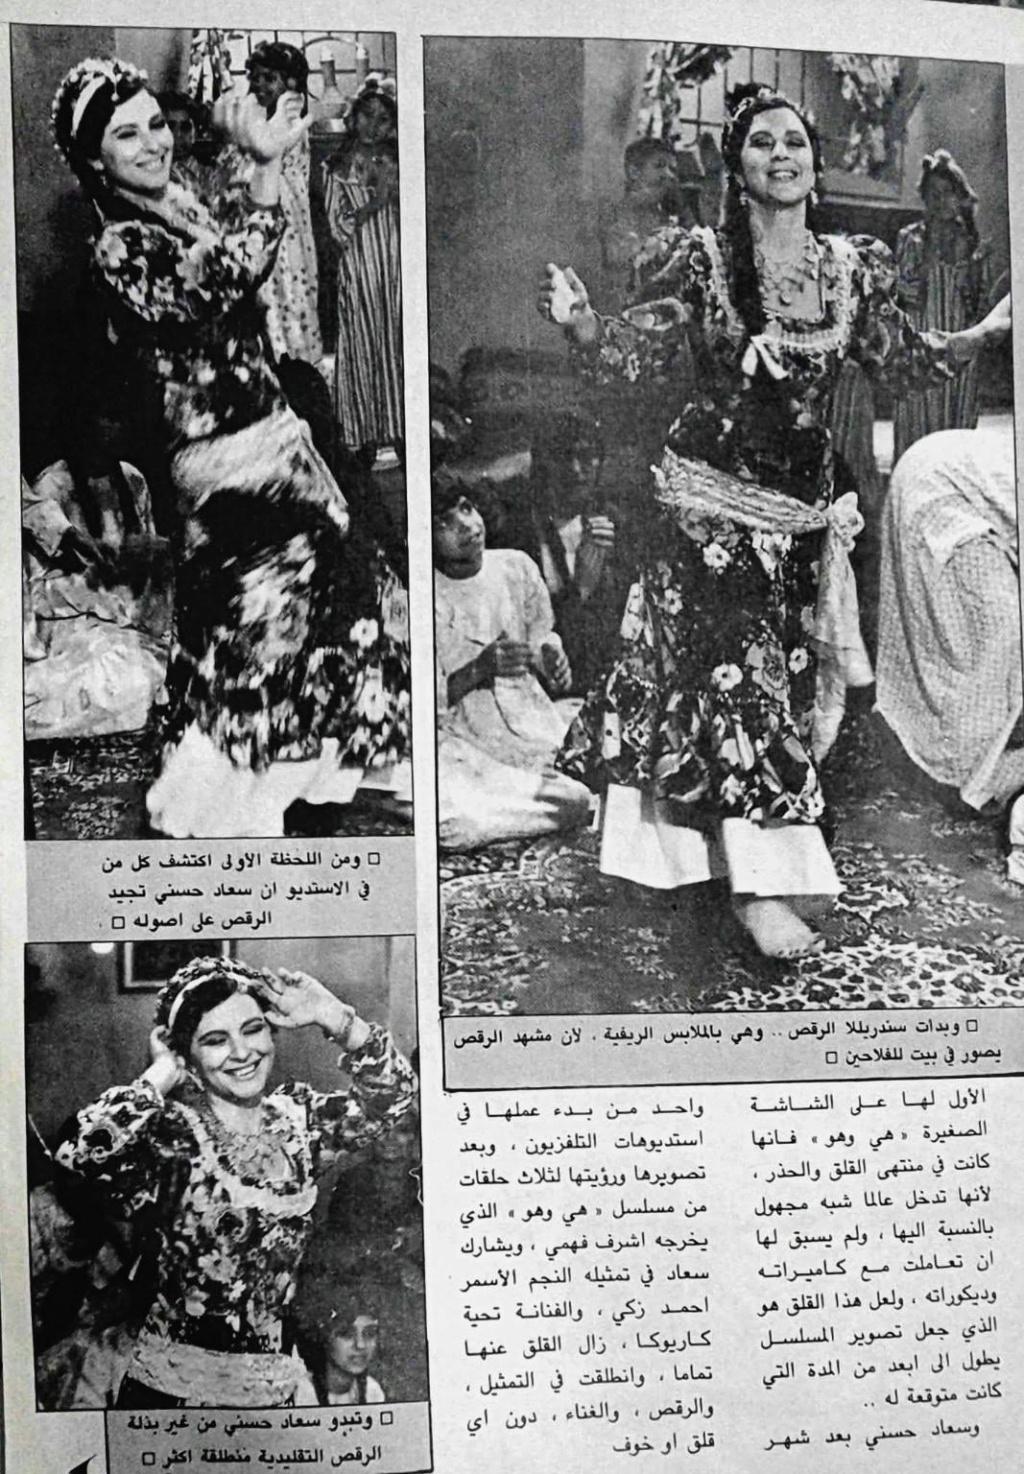 مقال - مقال صحفي : رقصة سعاد حسني كاملة 1985 م 218